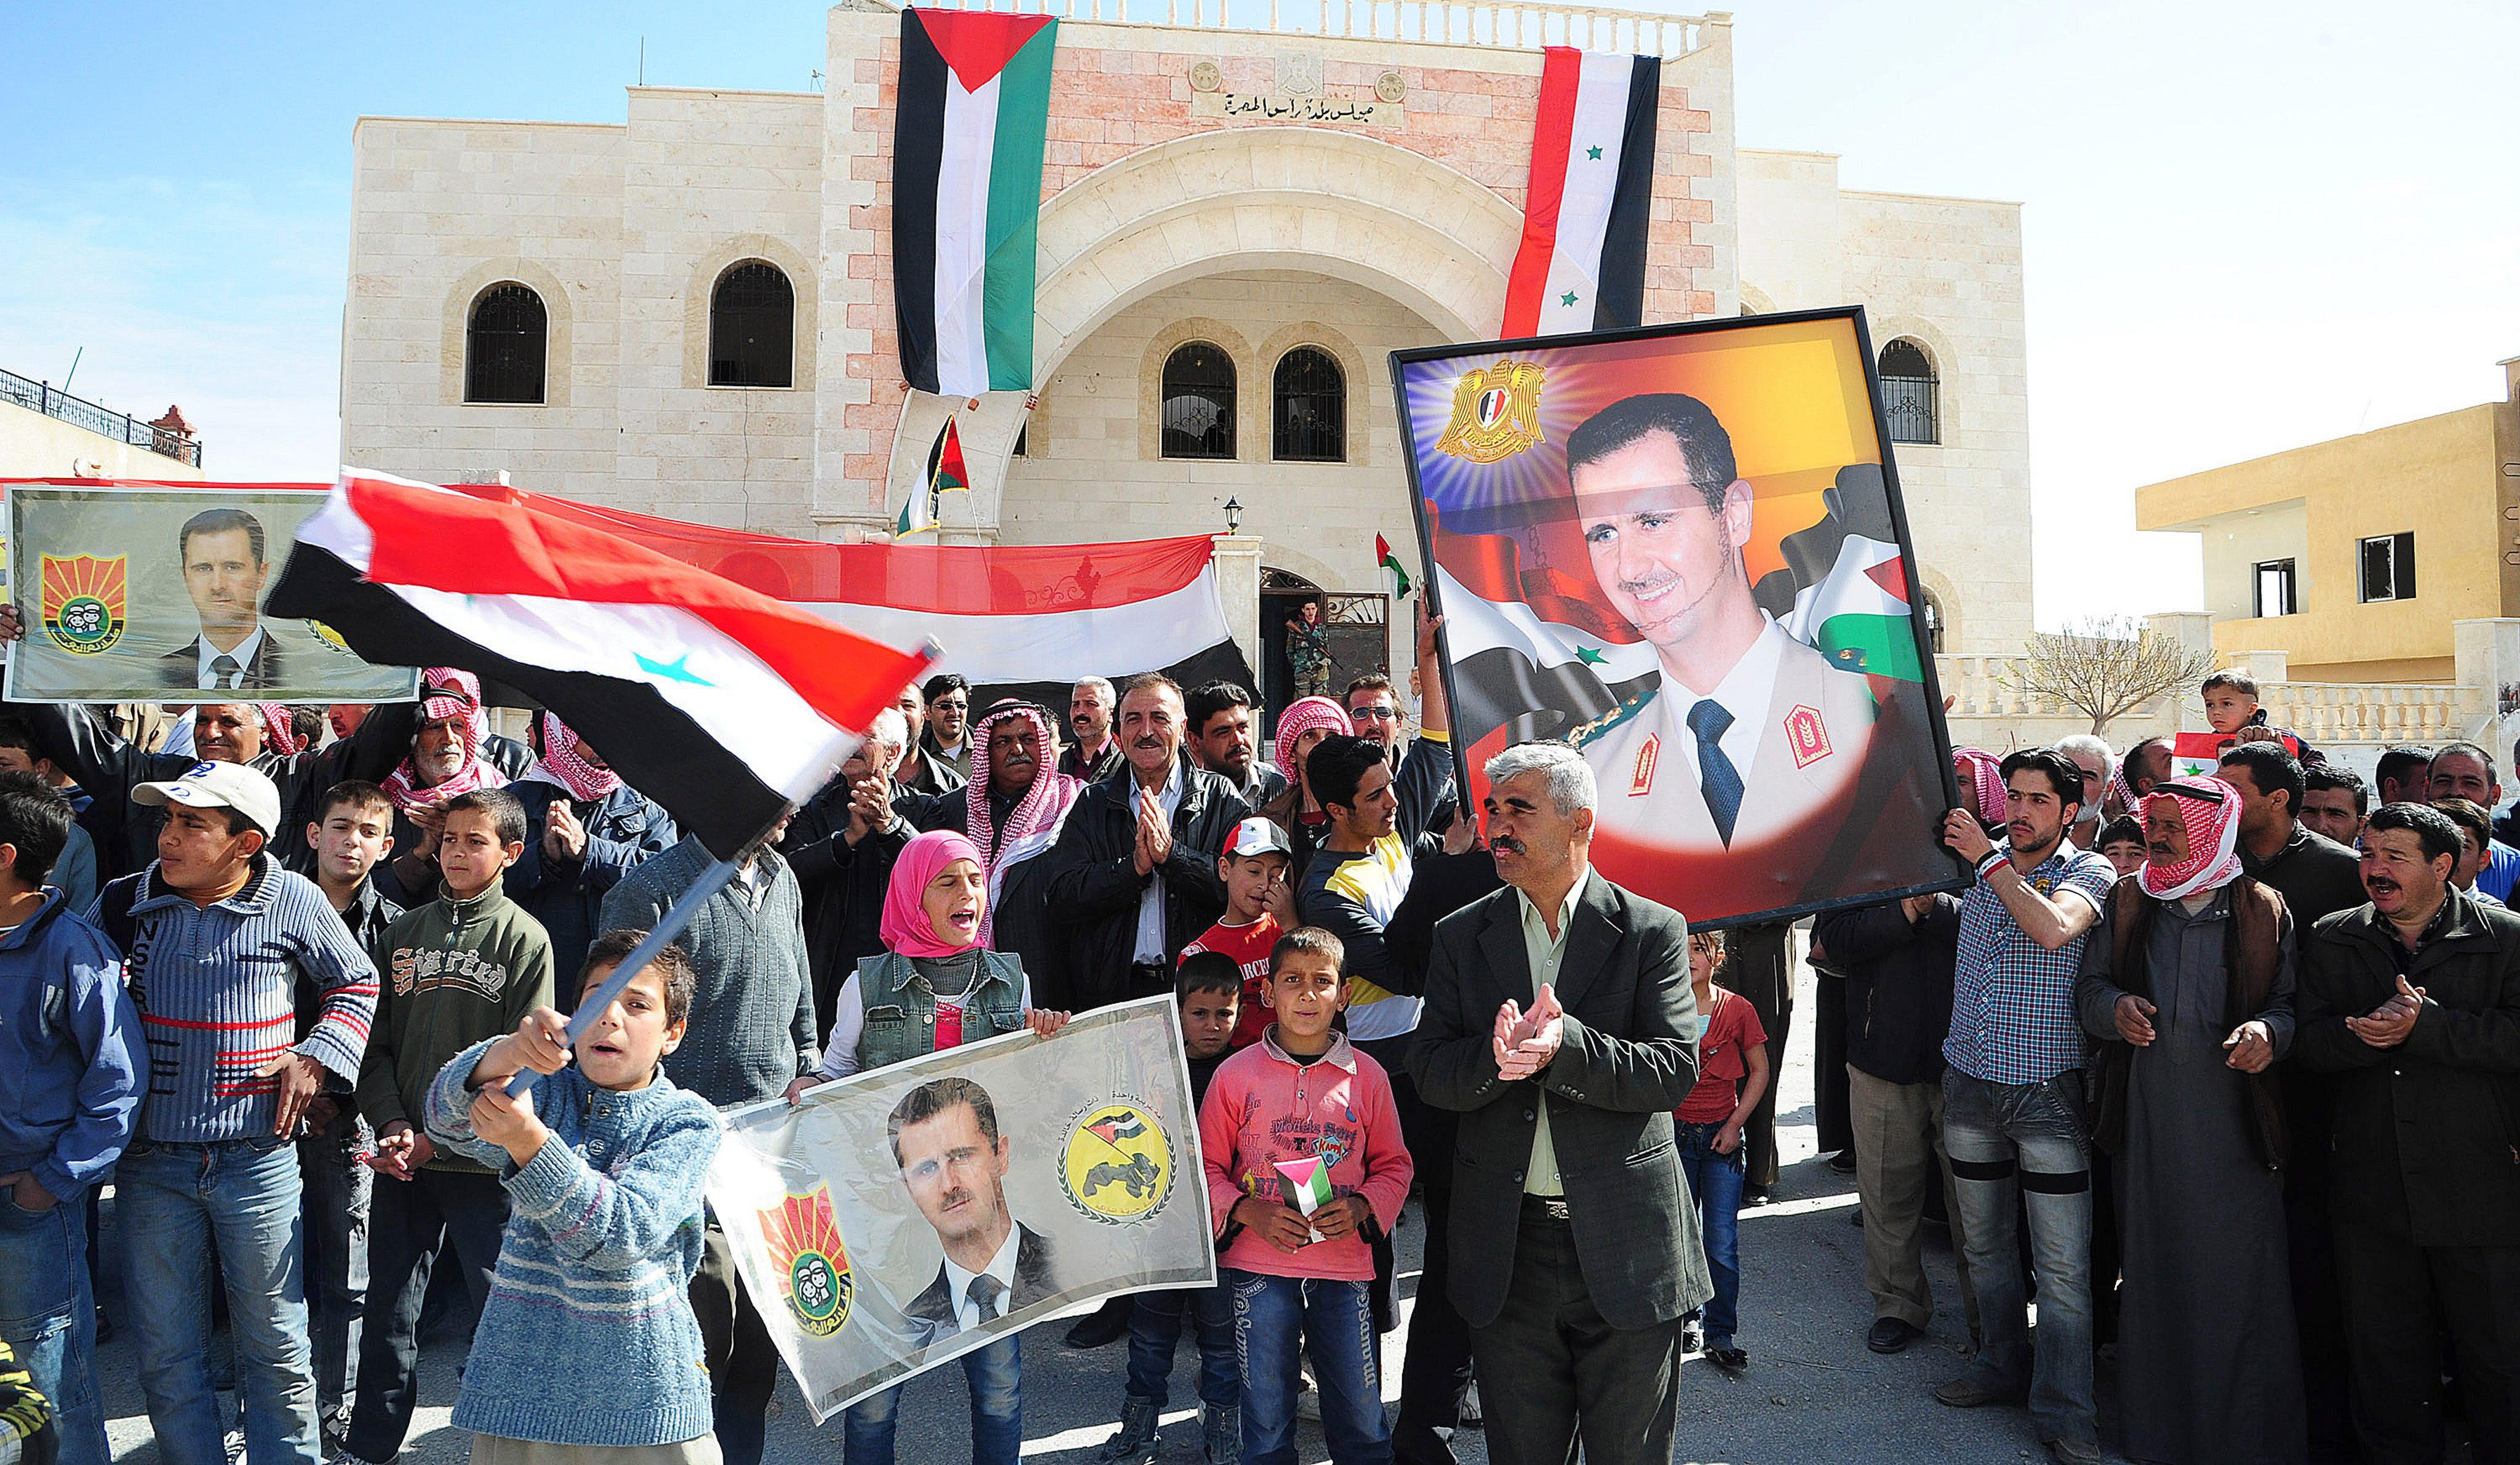 Al Asad realiza una inusual visita a la ciudad cristiana de Malula